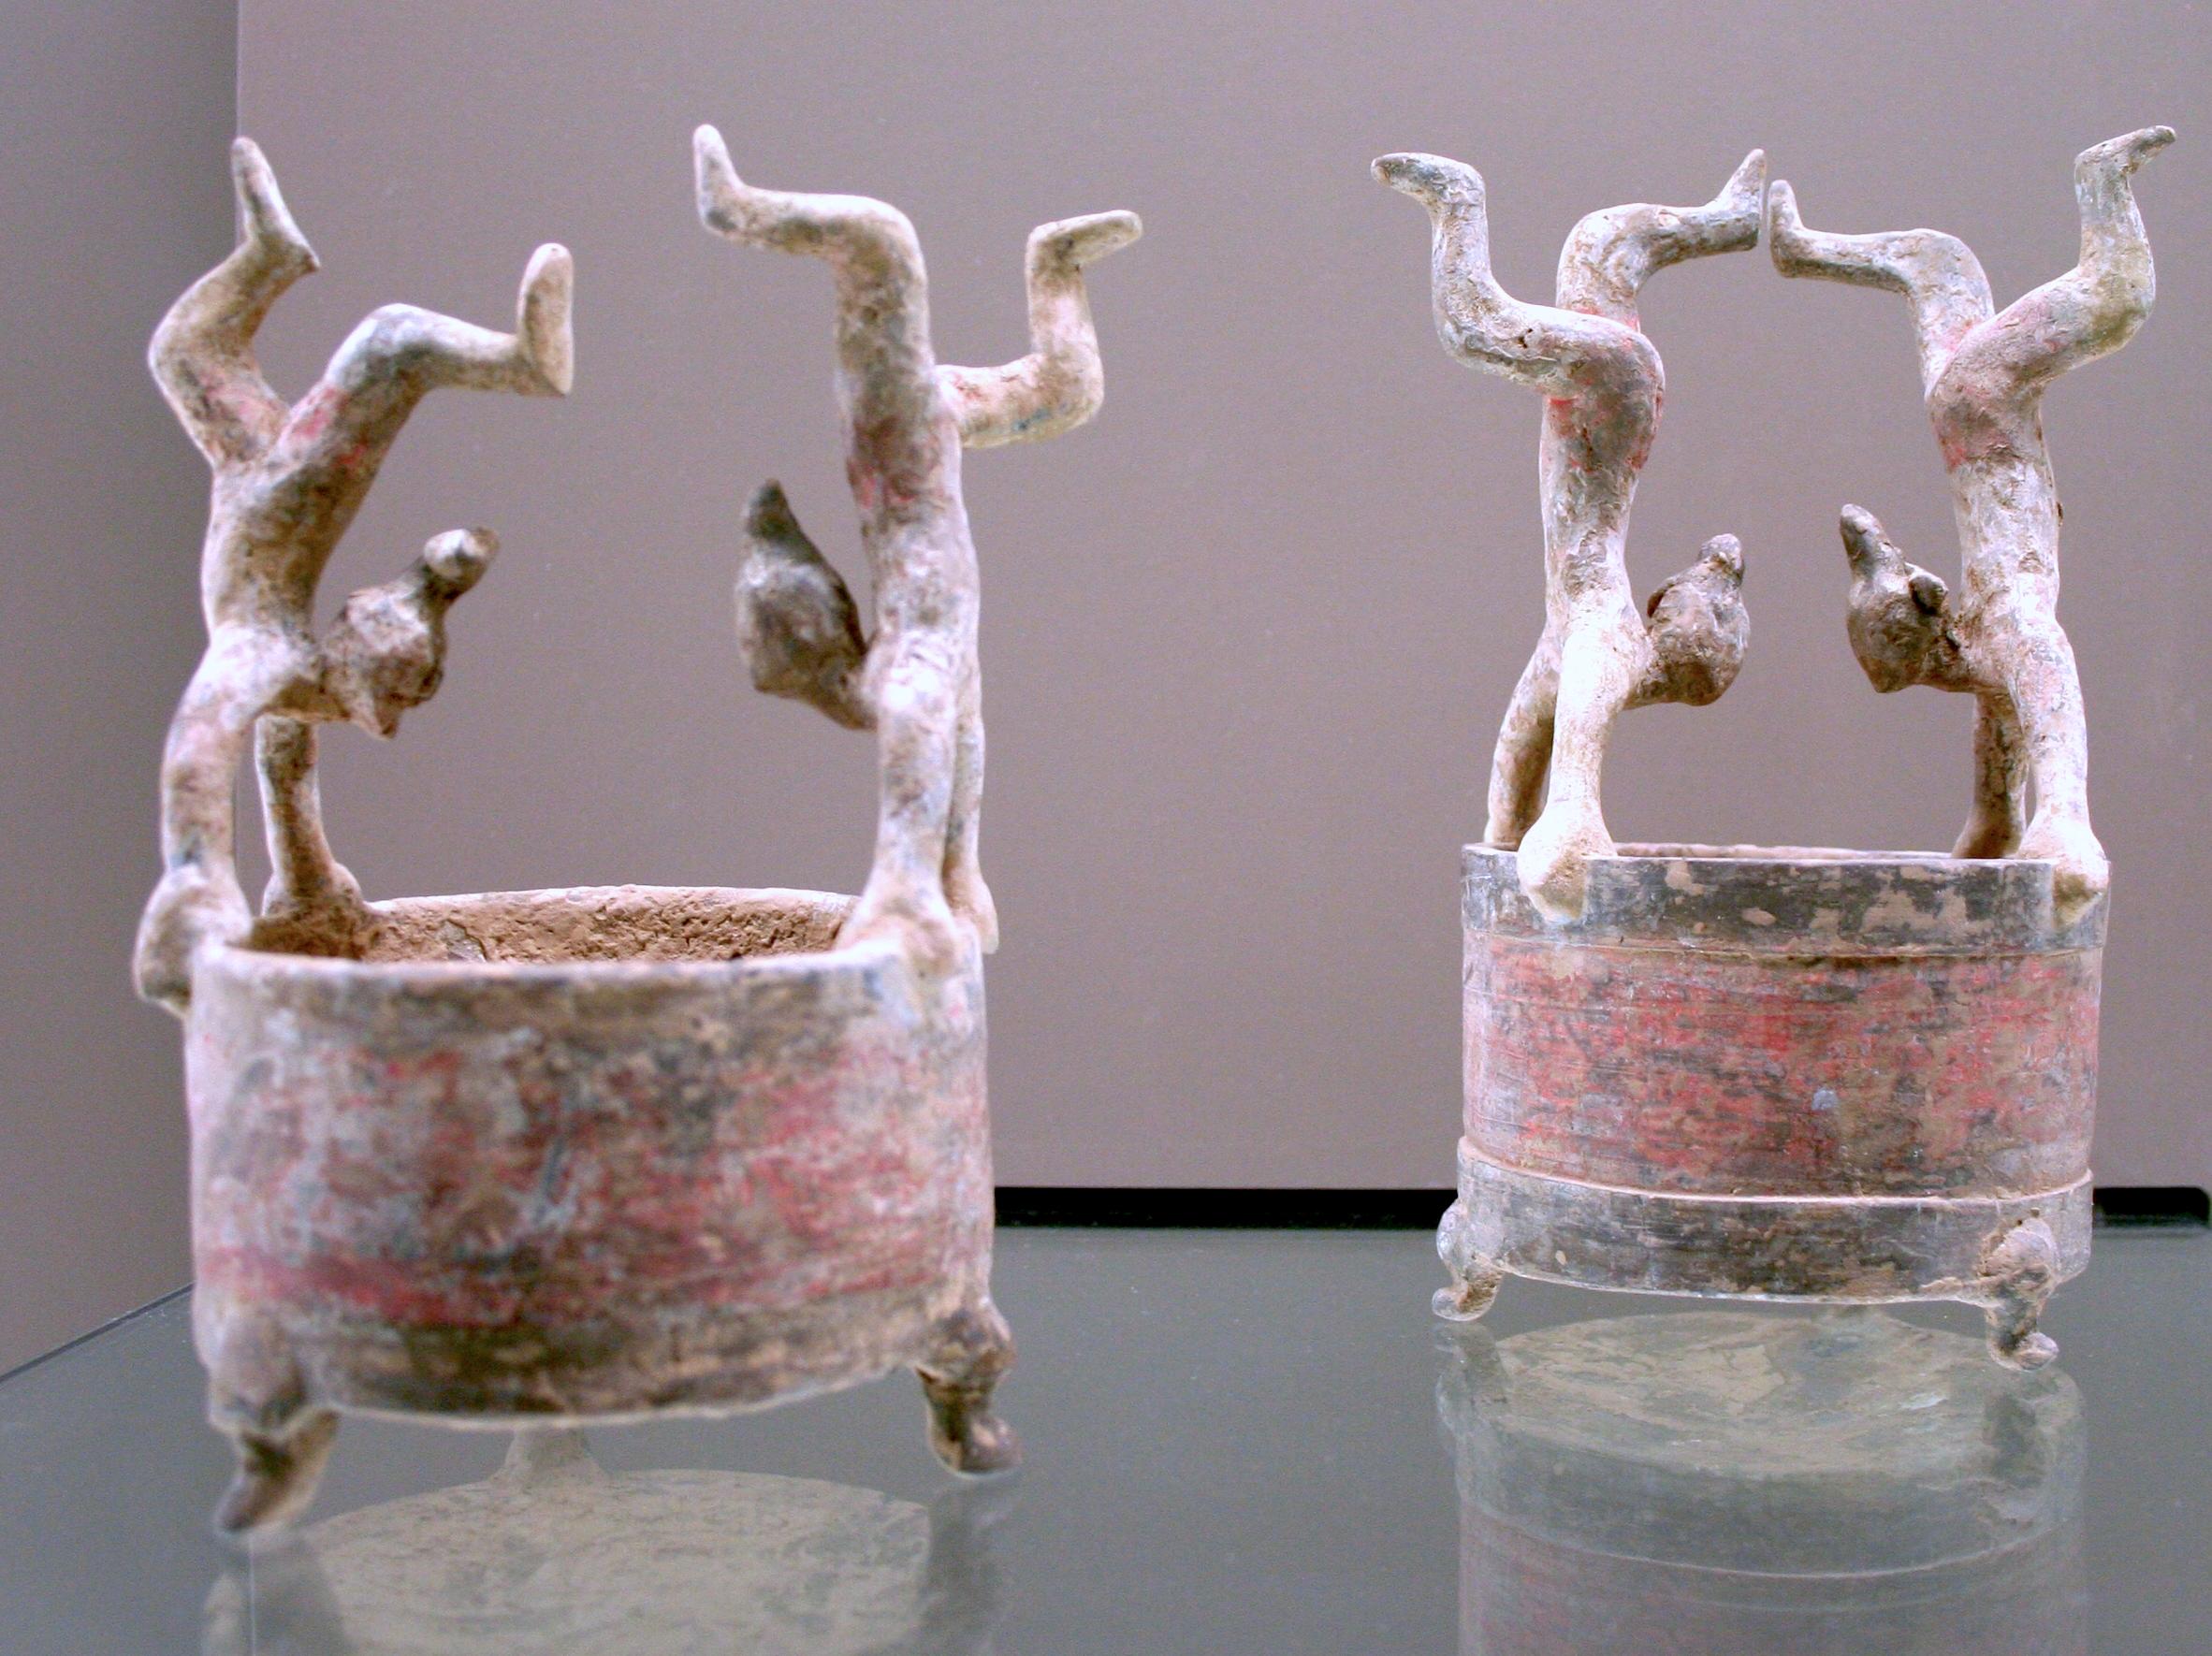 Dos vasijas  Lian  decoradas con acróbatas, de la dinastía Han occidental (206 a. C. - 9 d. C.)